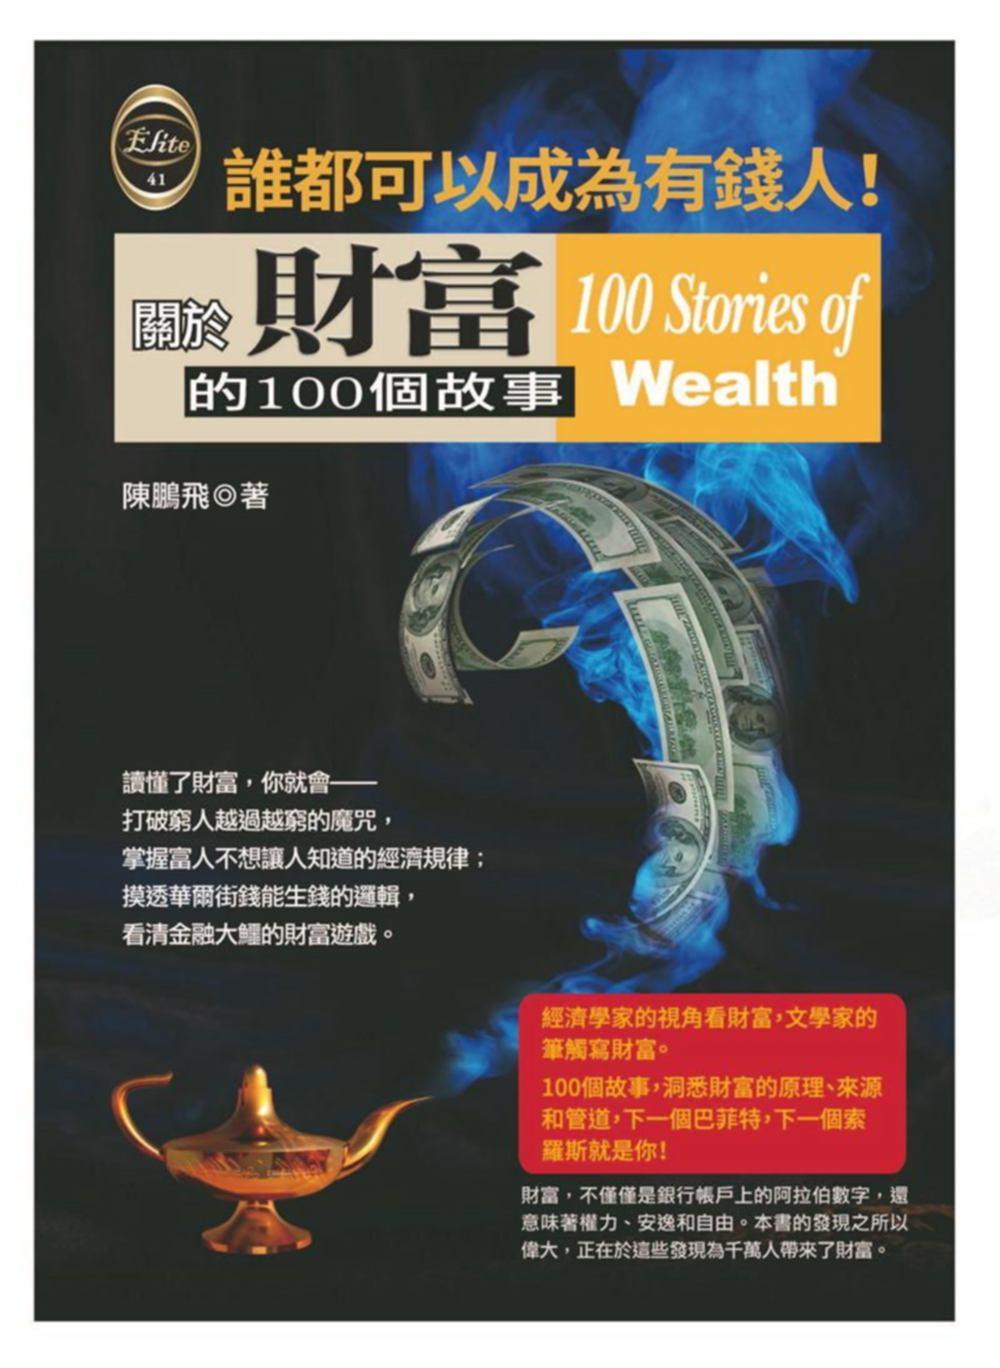 關於財富的100個故事